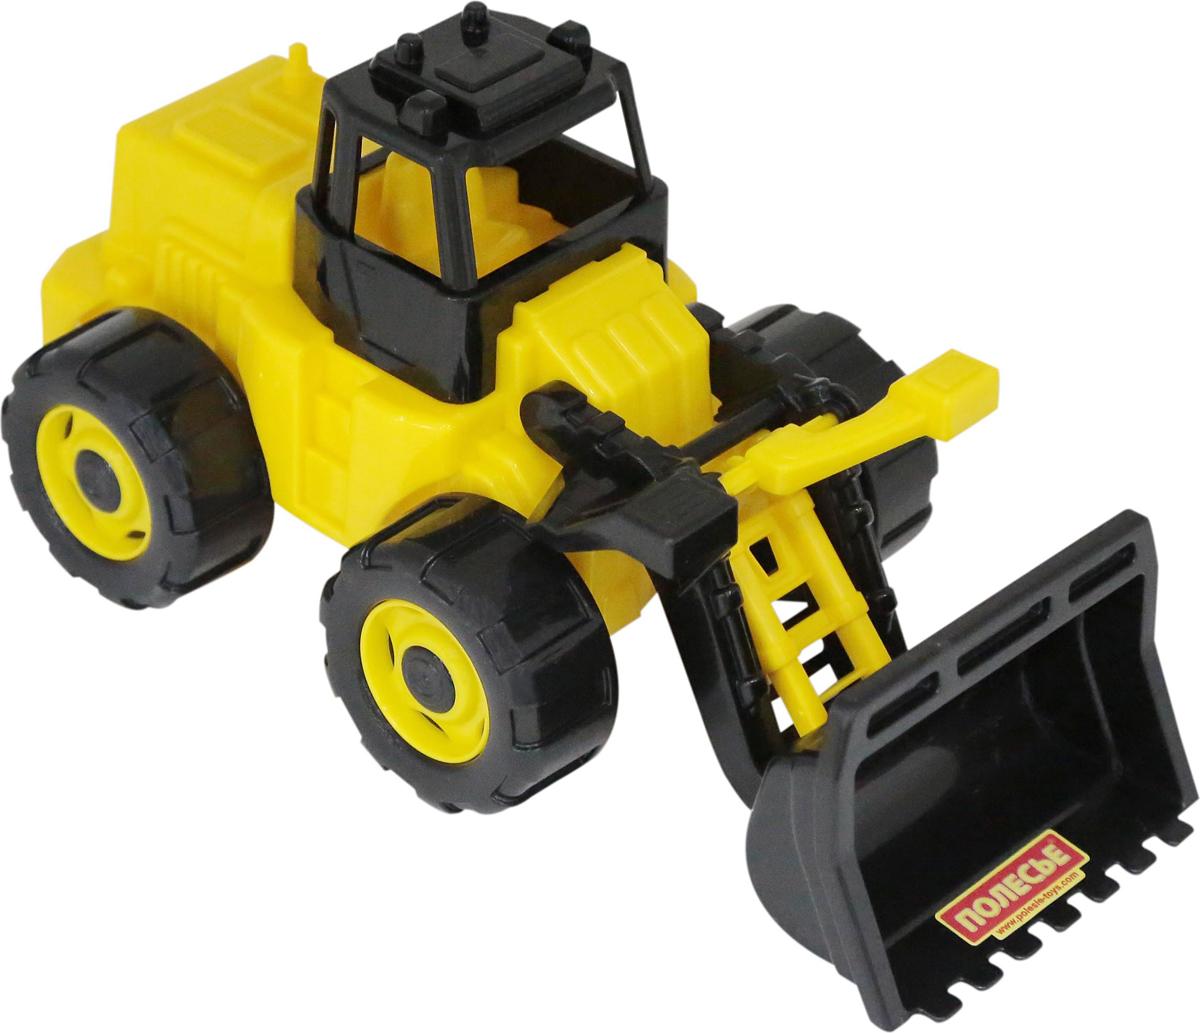 Полесье Трактор-погрузчик Геракл машина детская полесье полесье набор автомобиль трейлер трактор погрузчик